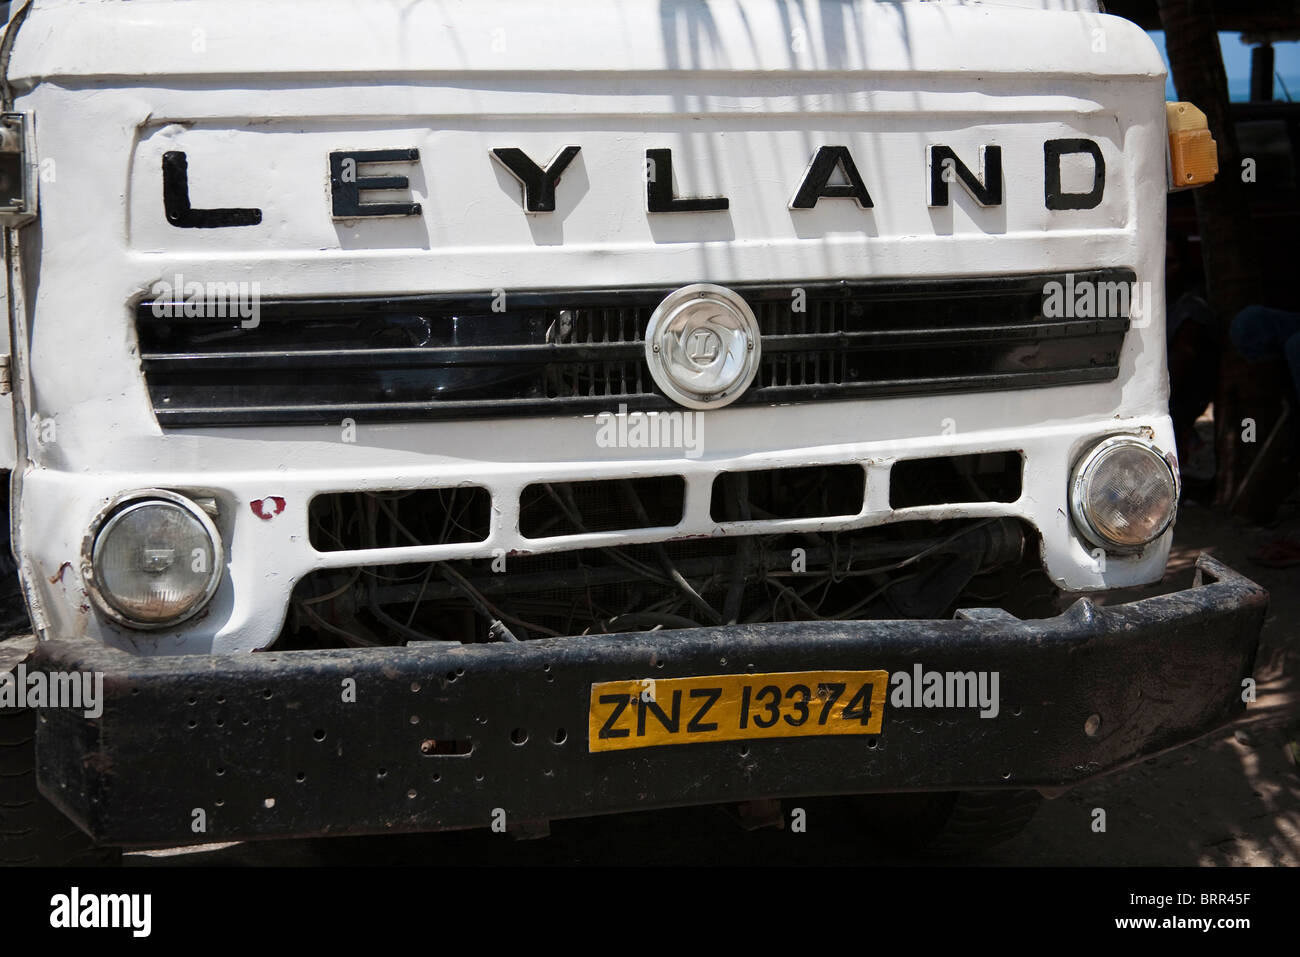 Frente a un viejo camión Leyland probablemente se remonta a los 80's Imagen De Stock